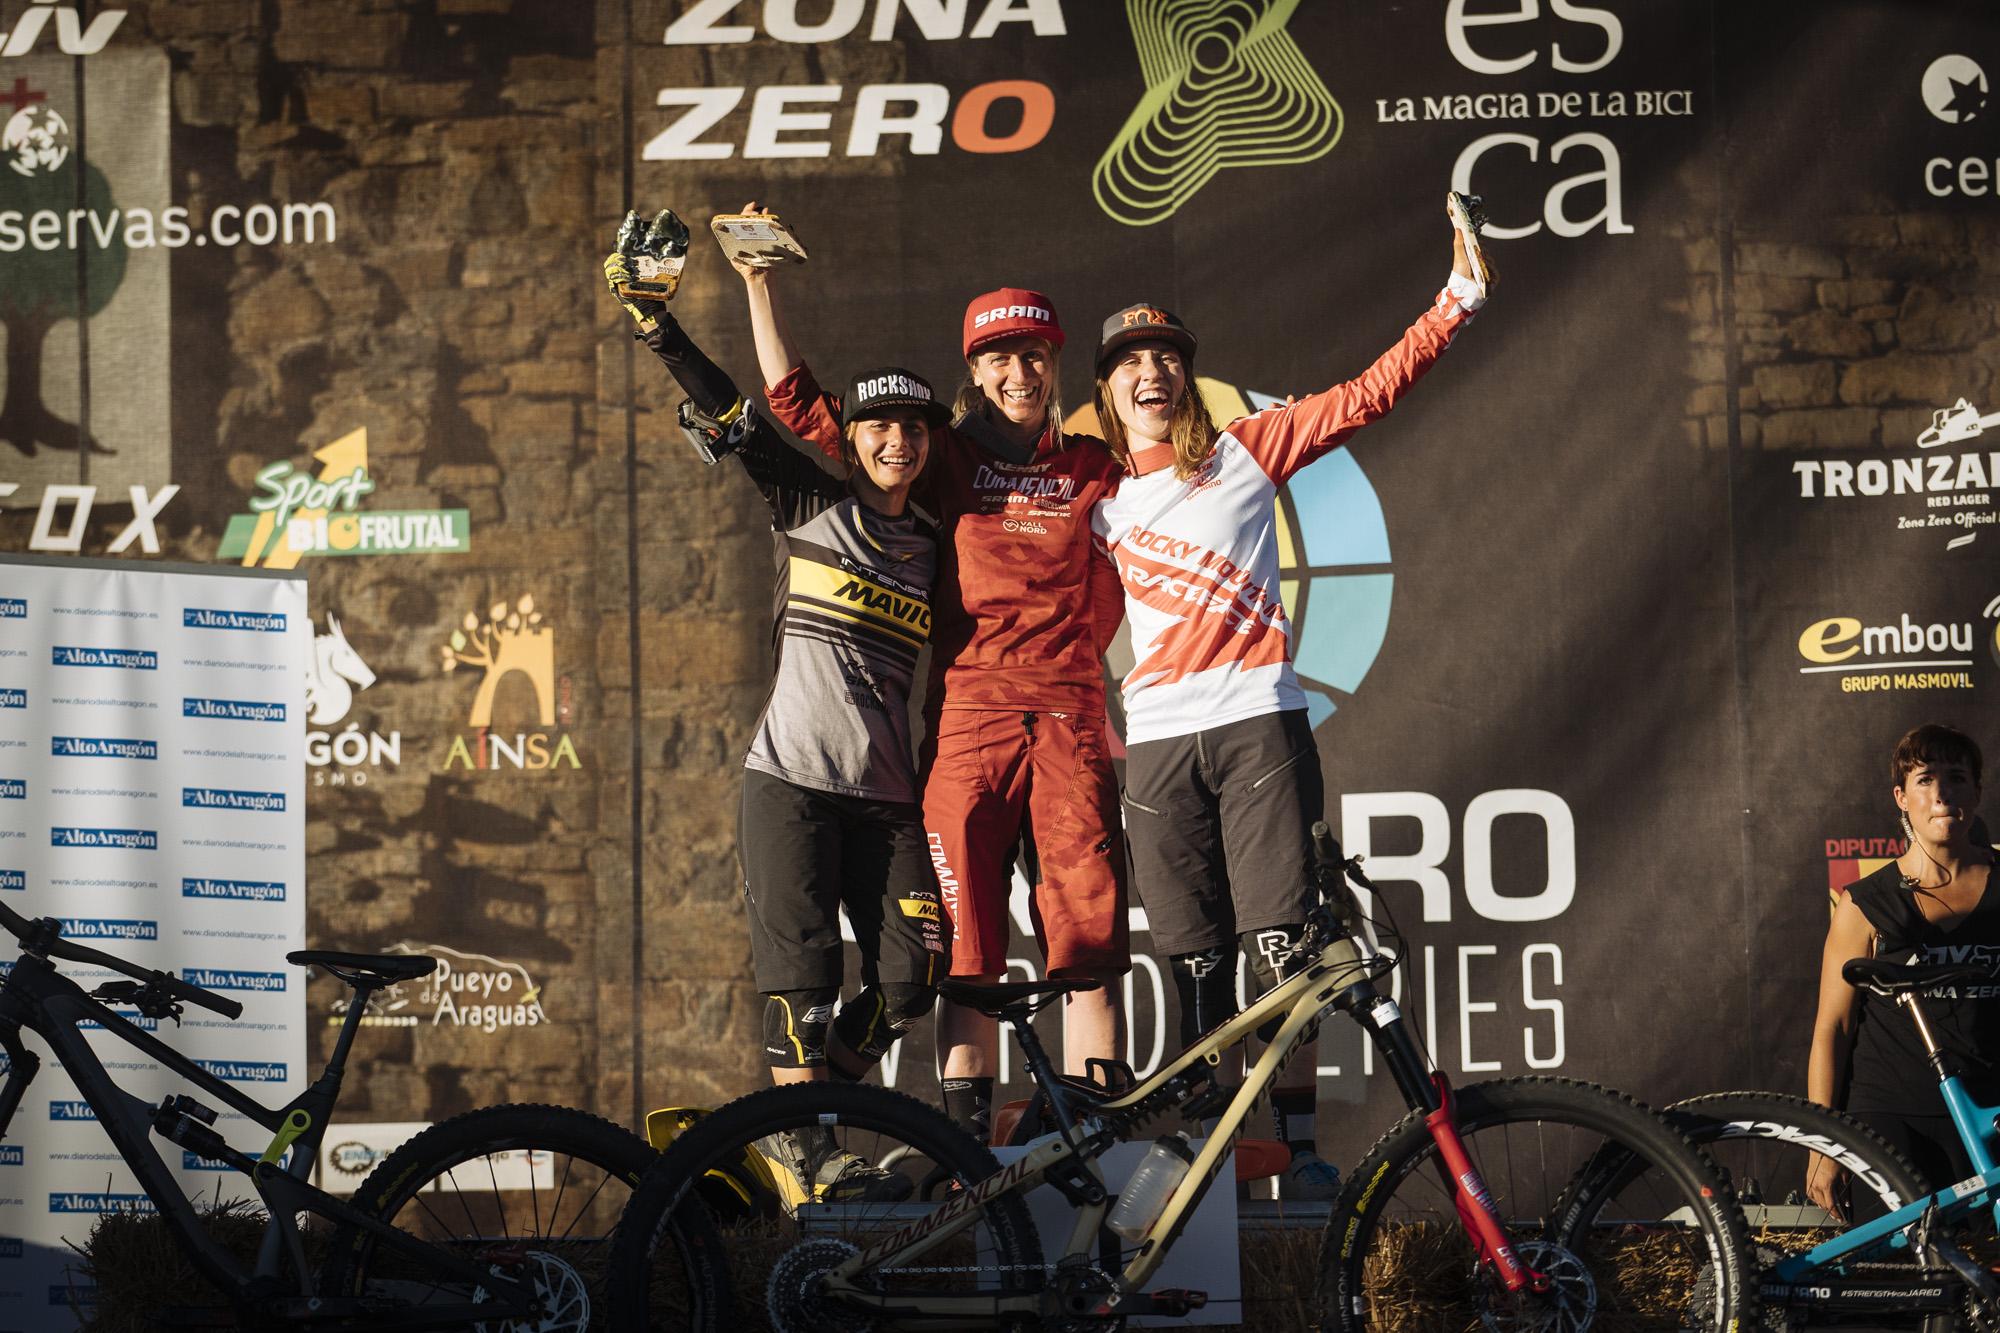 Womens podium, 1st Cecile Ravanel, 2nd Isabeau Courdurier, 3rd Andreane Lanthier Nadeau.